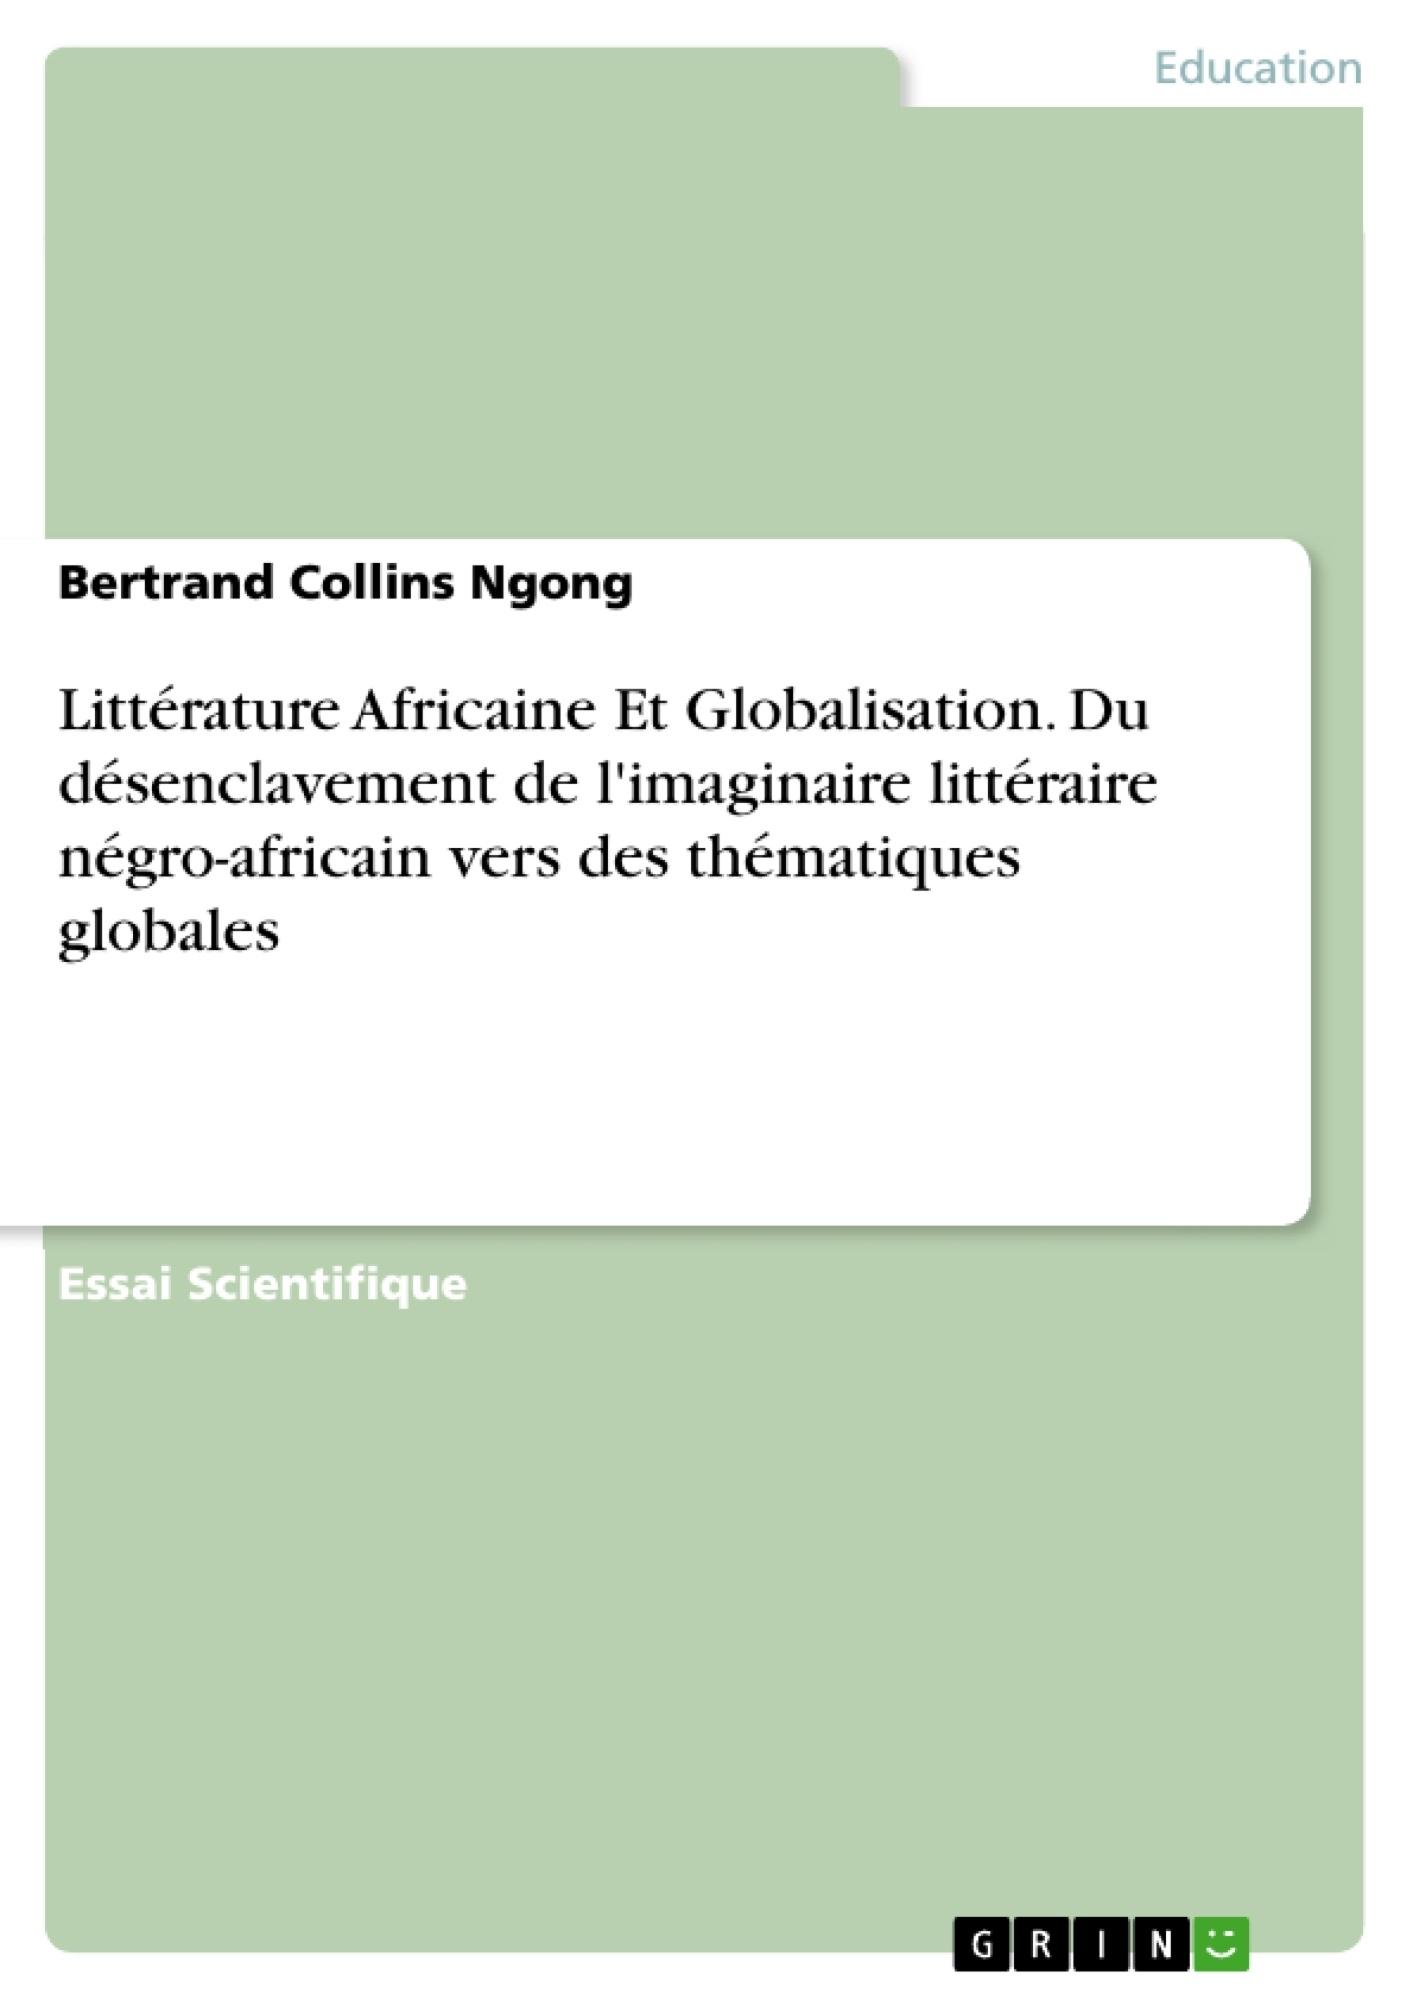 Titre: Littérature Africaine Et Globalisation. Du désenclavement de l'imaginaire littéraire négro-africain vers des thématiques globales